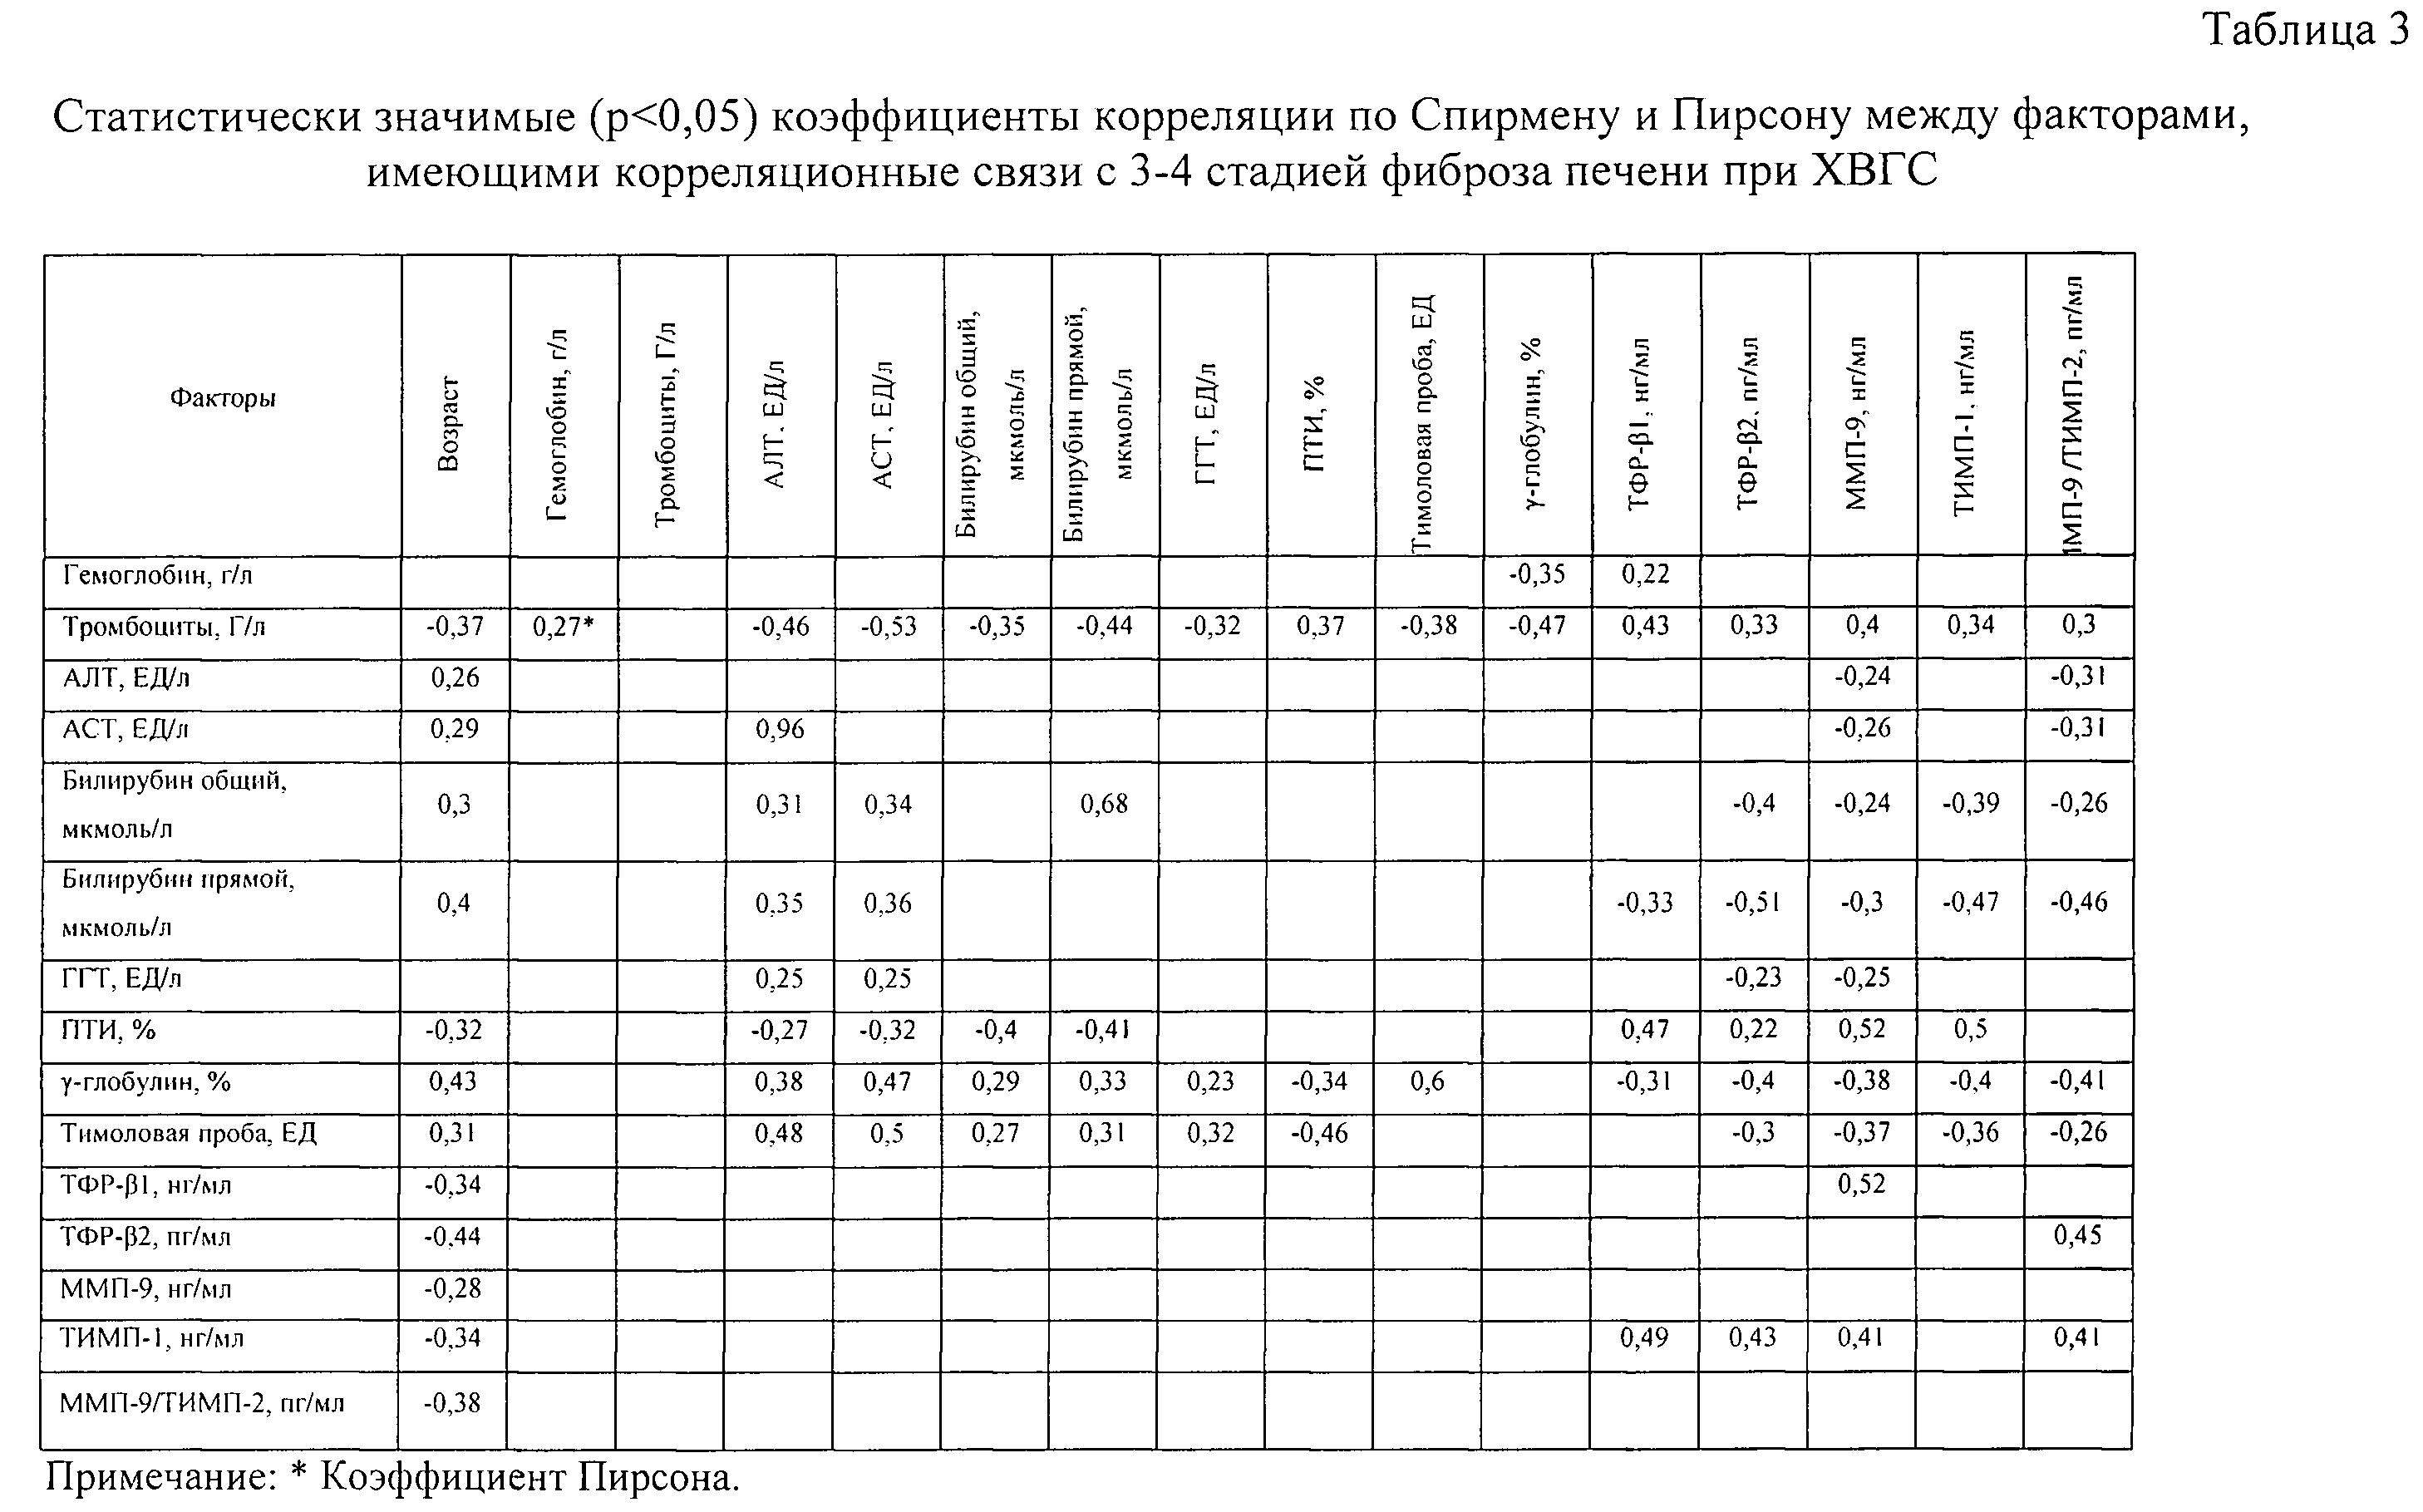 Анализ крови при диагностики фиброза Справка из наркологического диспансера Штурвальная улица